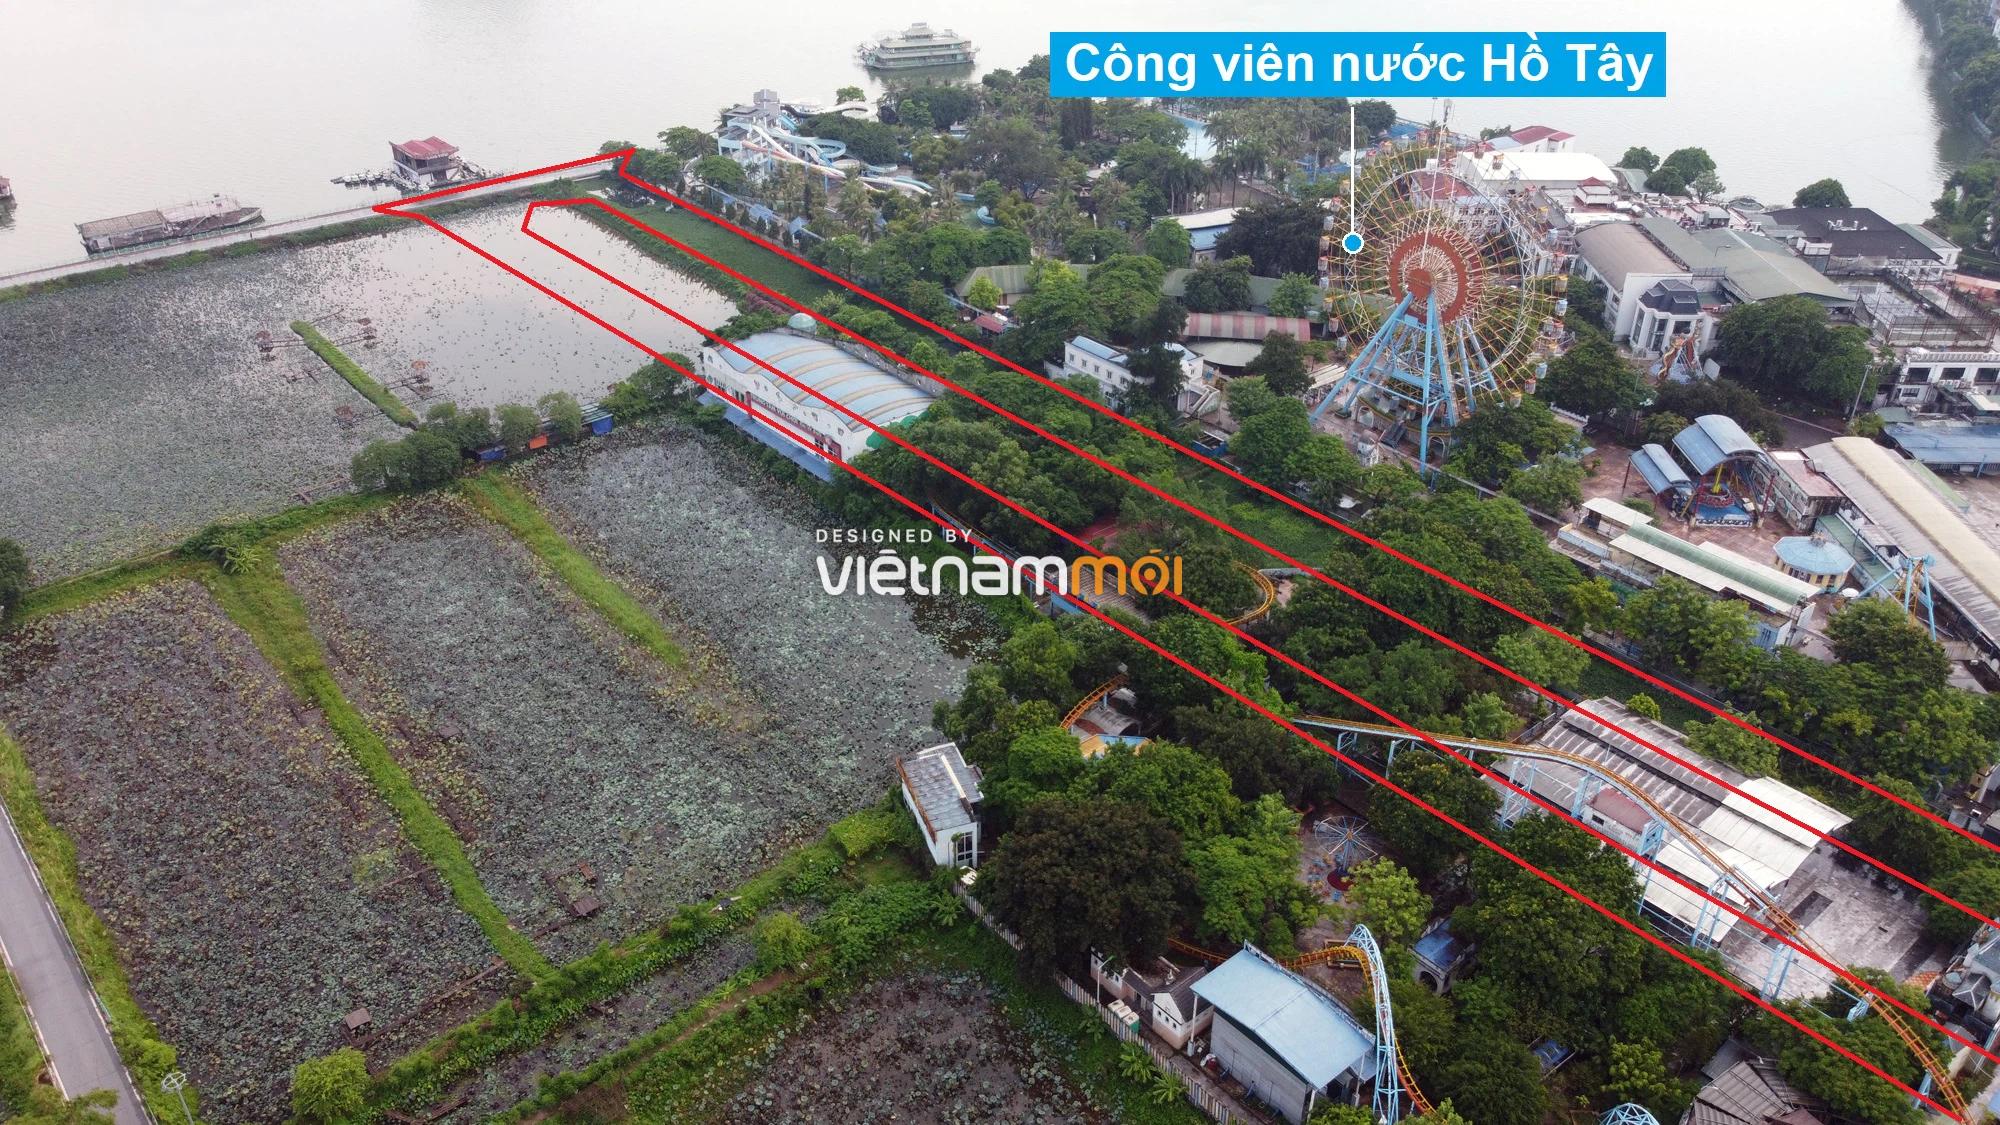 Những khu đất sắp thu hồi để mở đường ở quận Tây Hồ, Hà Nội (phần 2) - Ảnh 11.